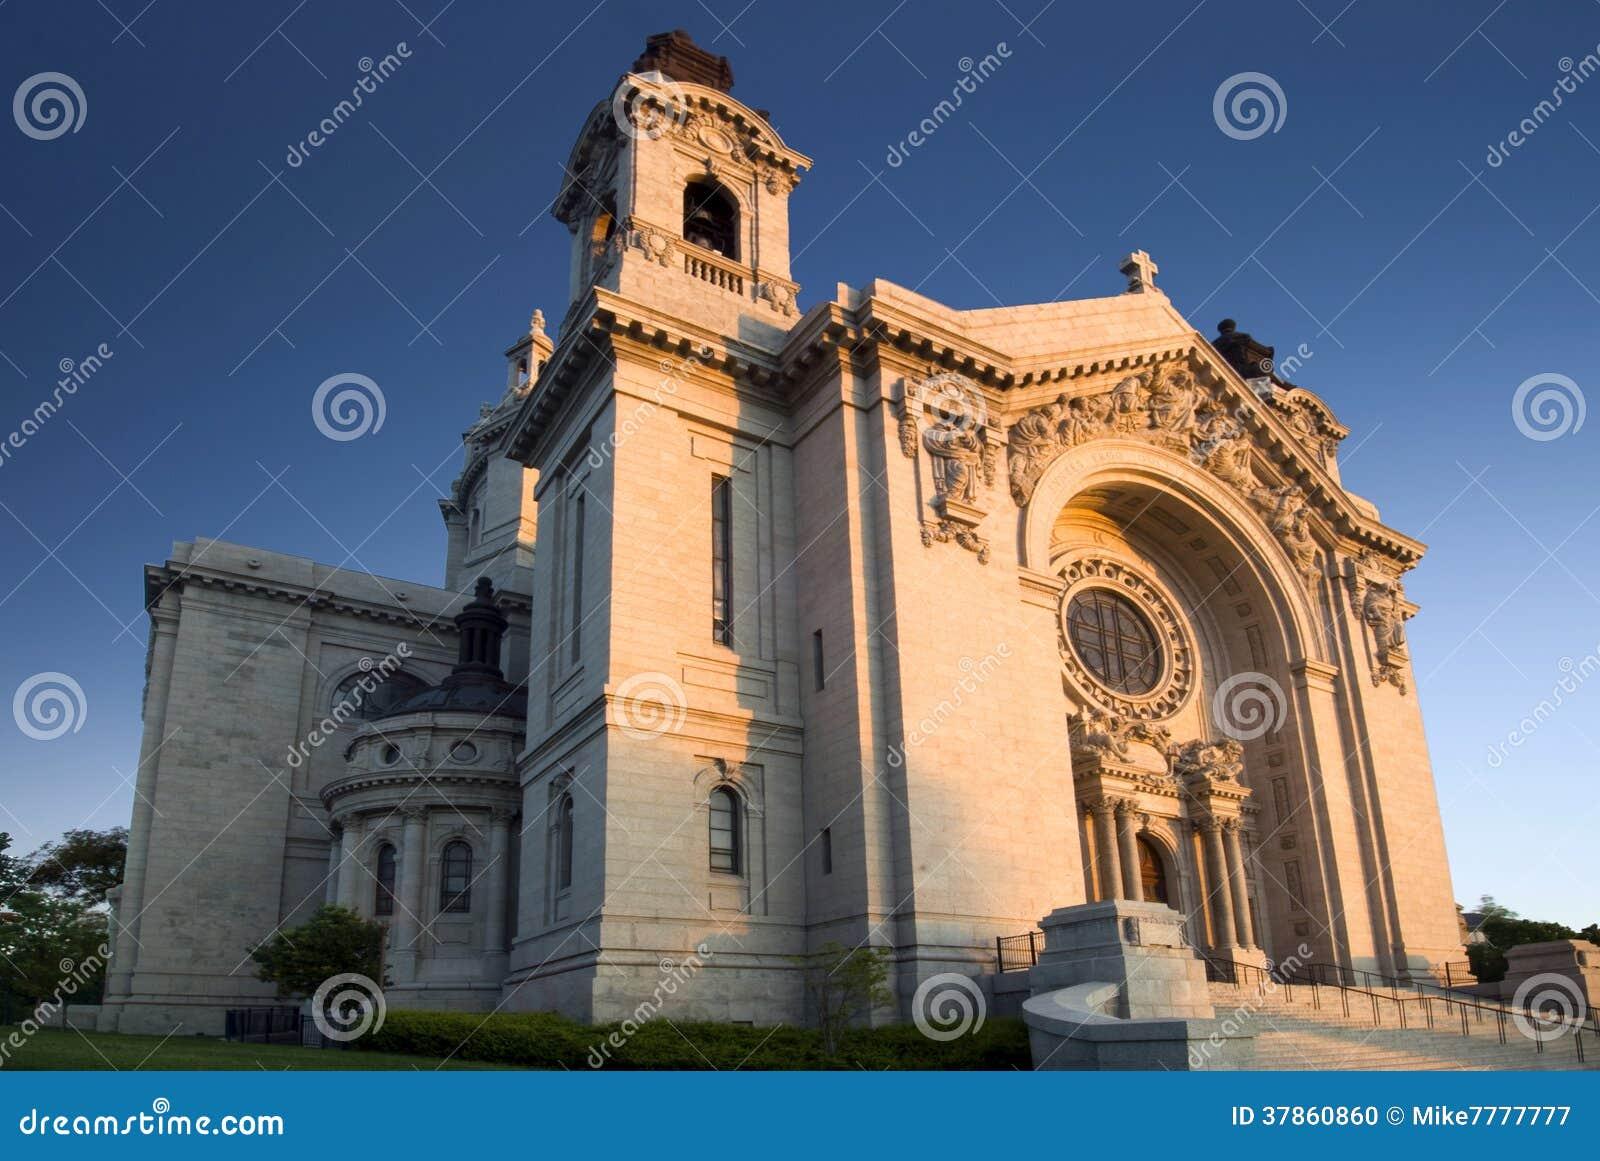 Солнце утра на соборе St Paul. St Paul, Минесота, США